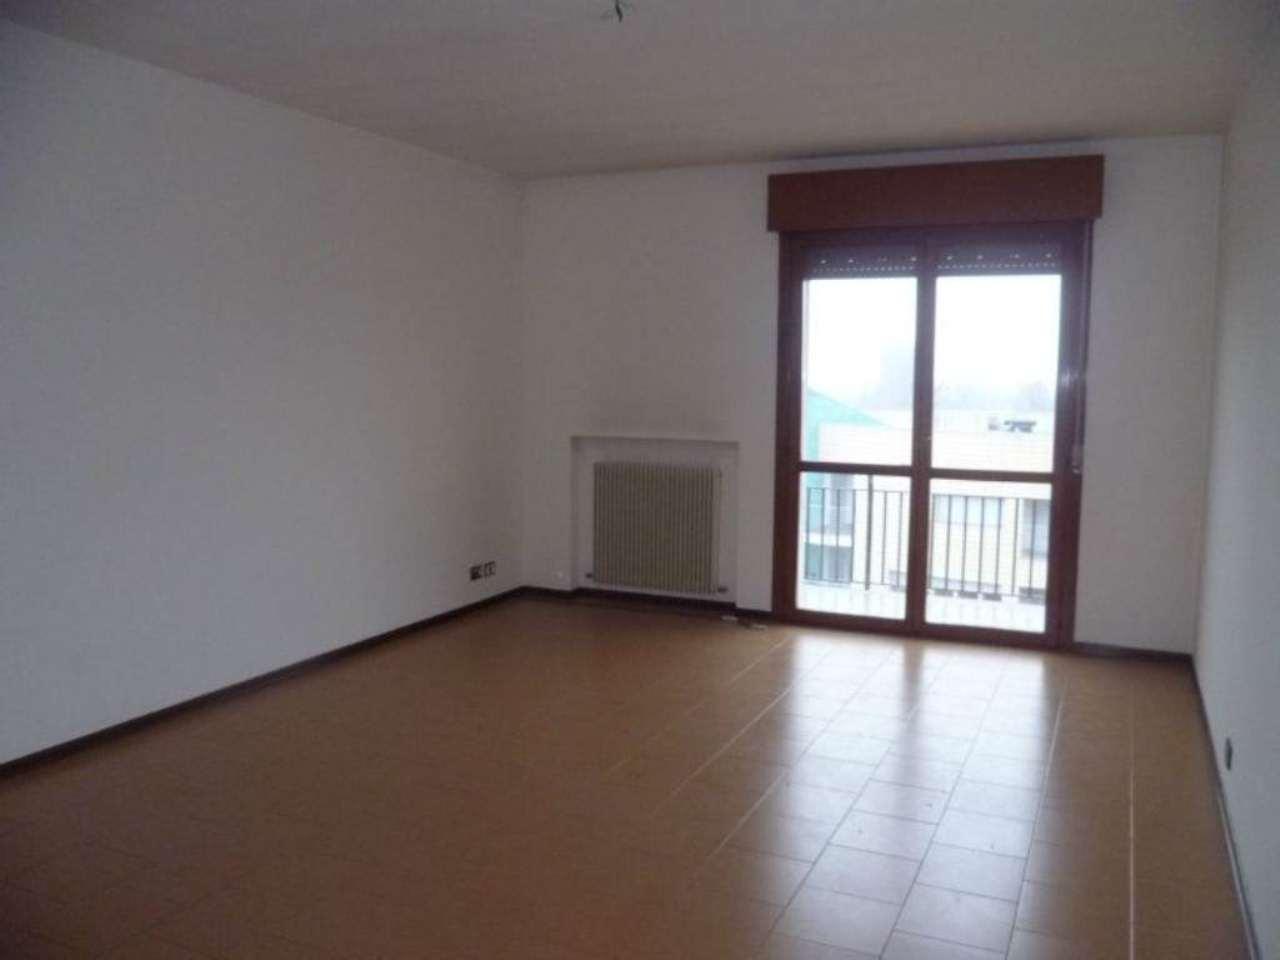 Appartamento in vendita a Villorba, 5 locali, prezzo € 138.000 | CambioCasa.it